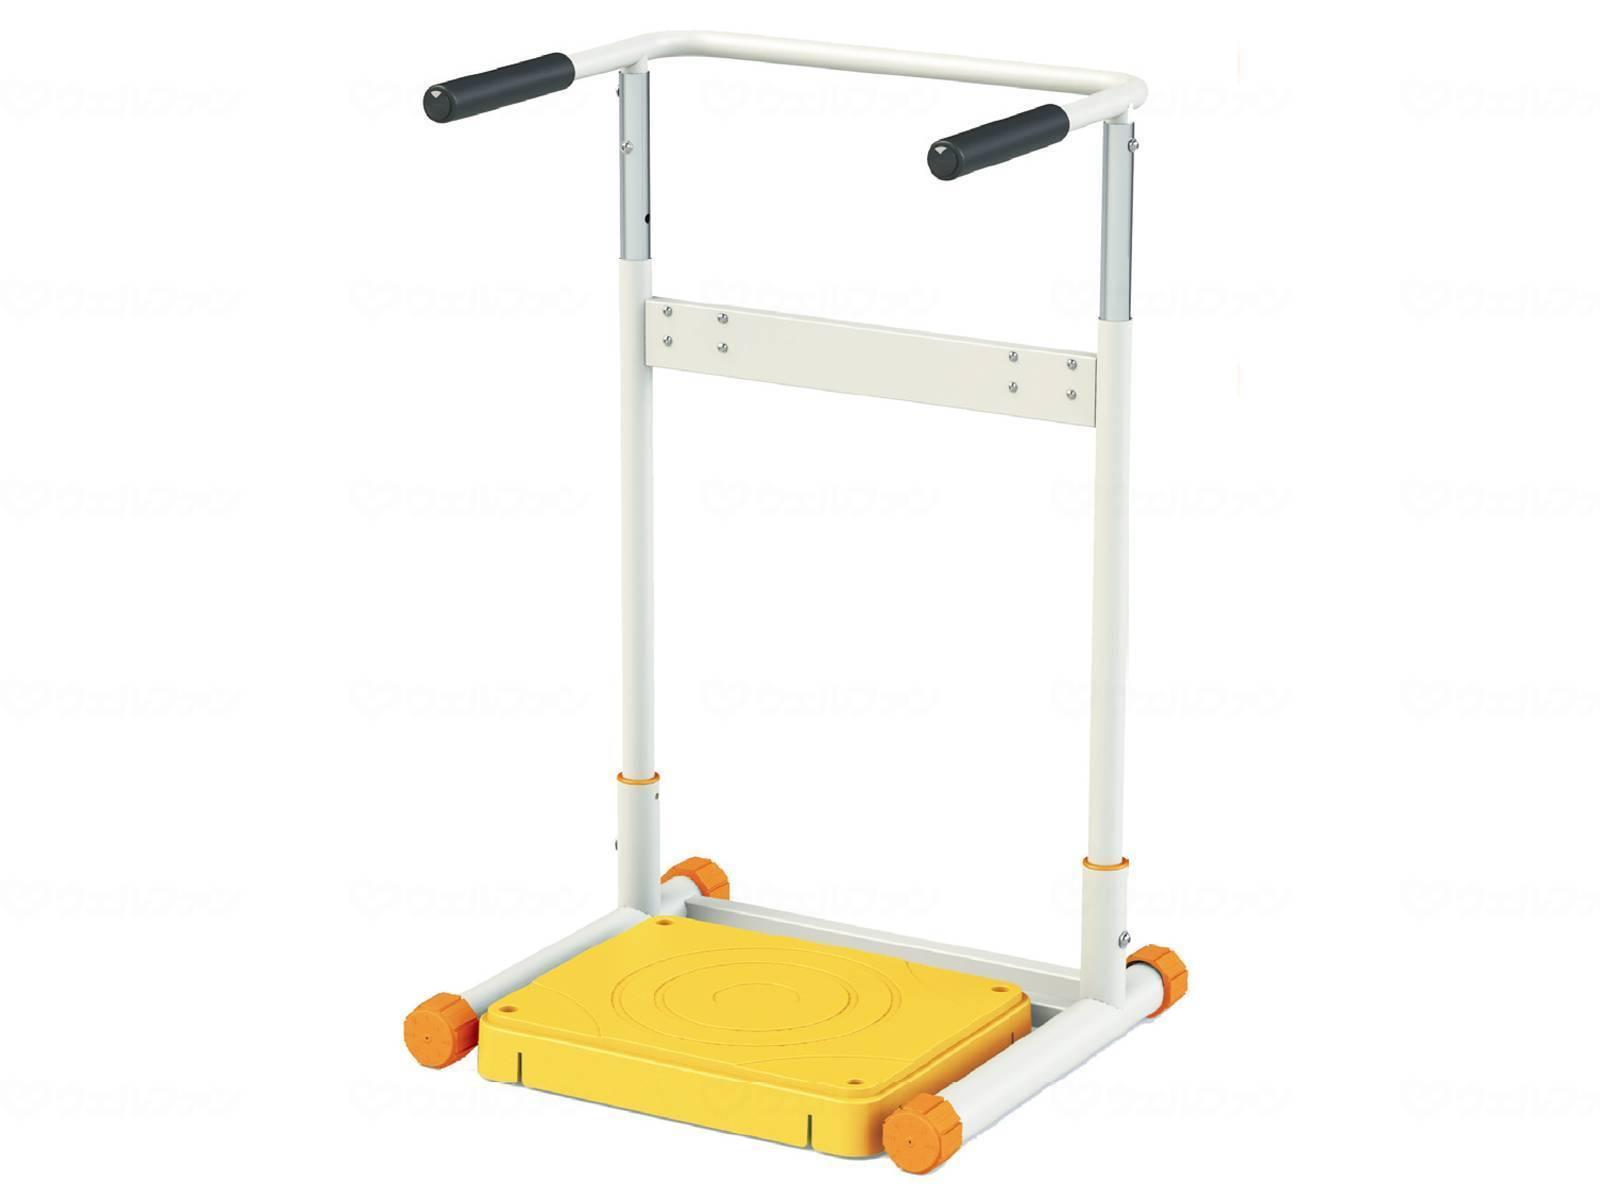 ウェルファン 補助フレーム付きストレッチボード楽々のりおり施設用/リハビリ/トレーニング/機能訓練筋力向上/持久力アップ/簡単/ステップ